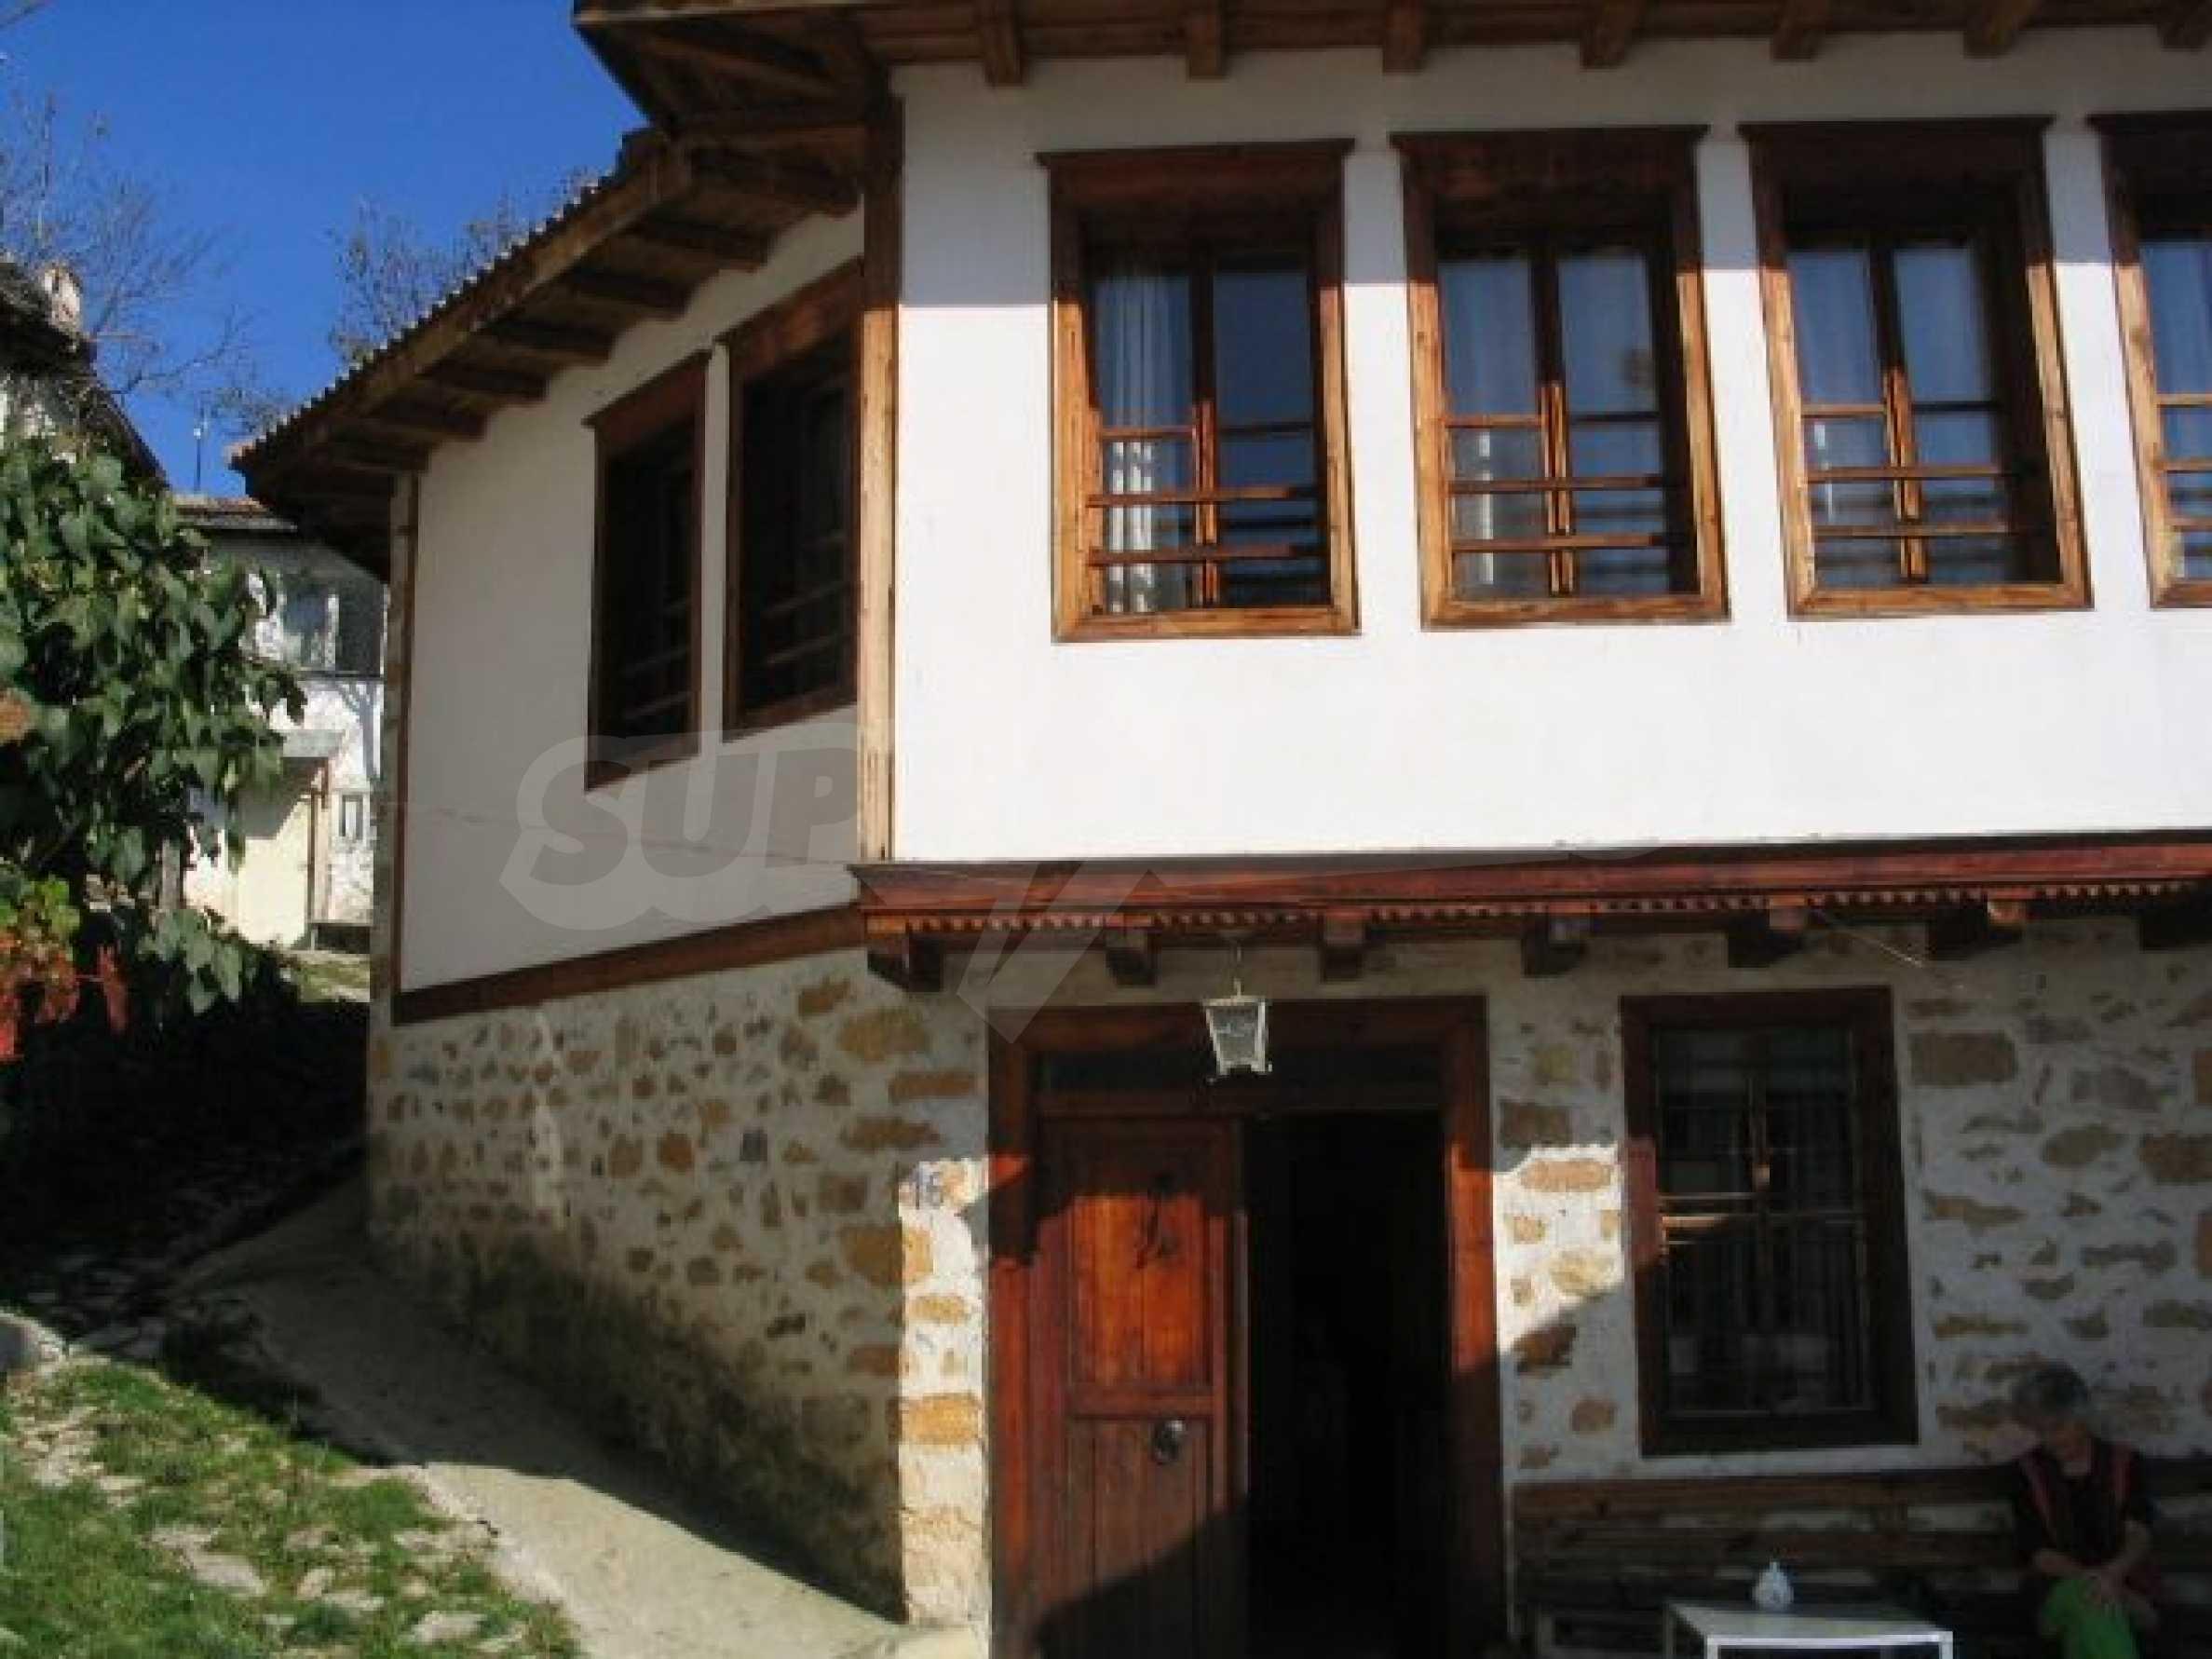 Traditionelles Haus im alten bulgarischen Stil nahe Pamporovo 1